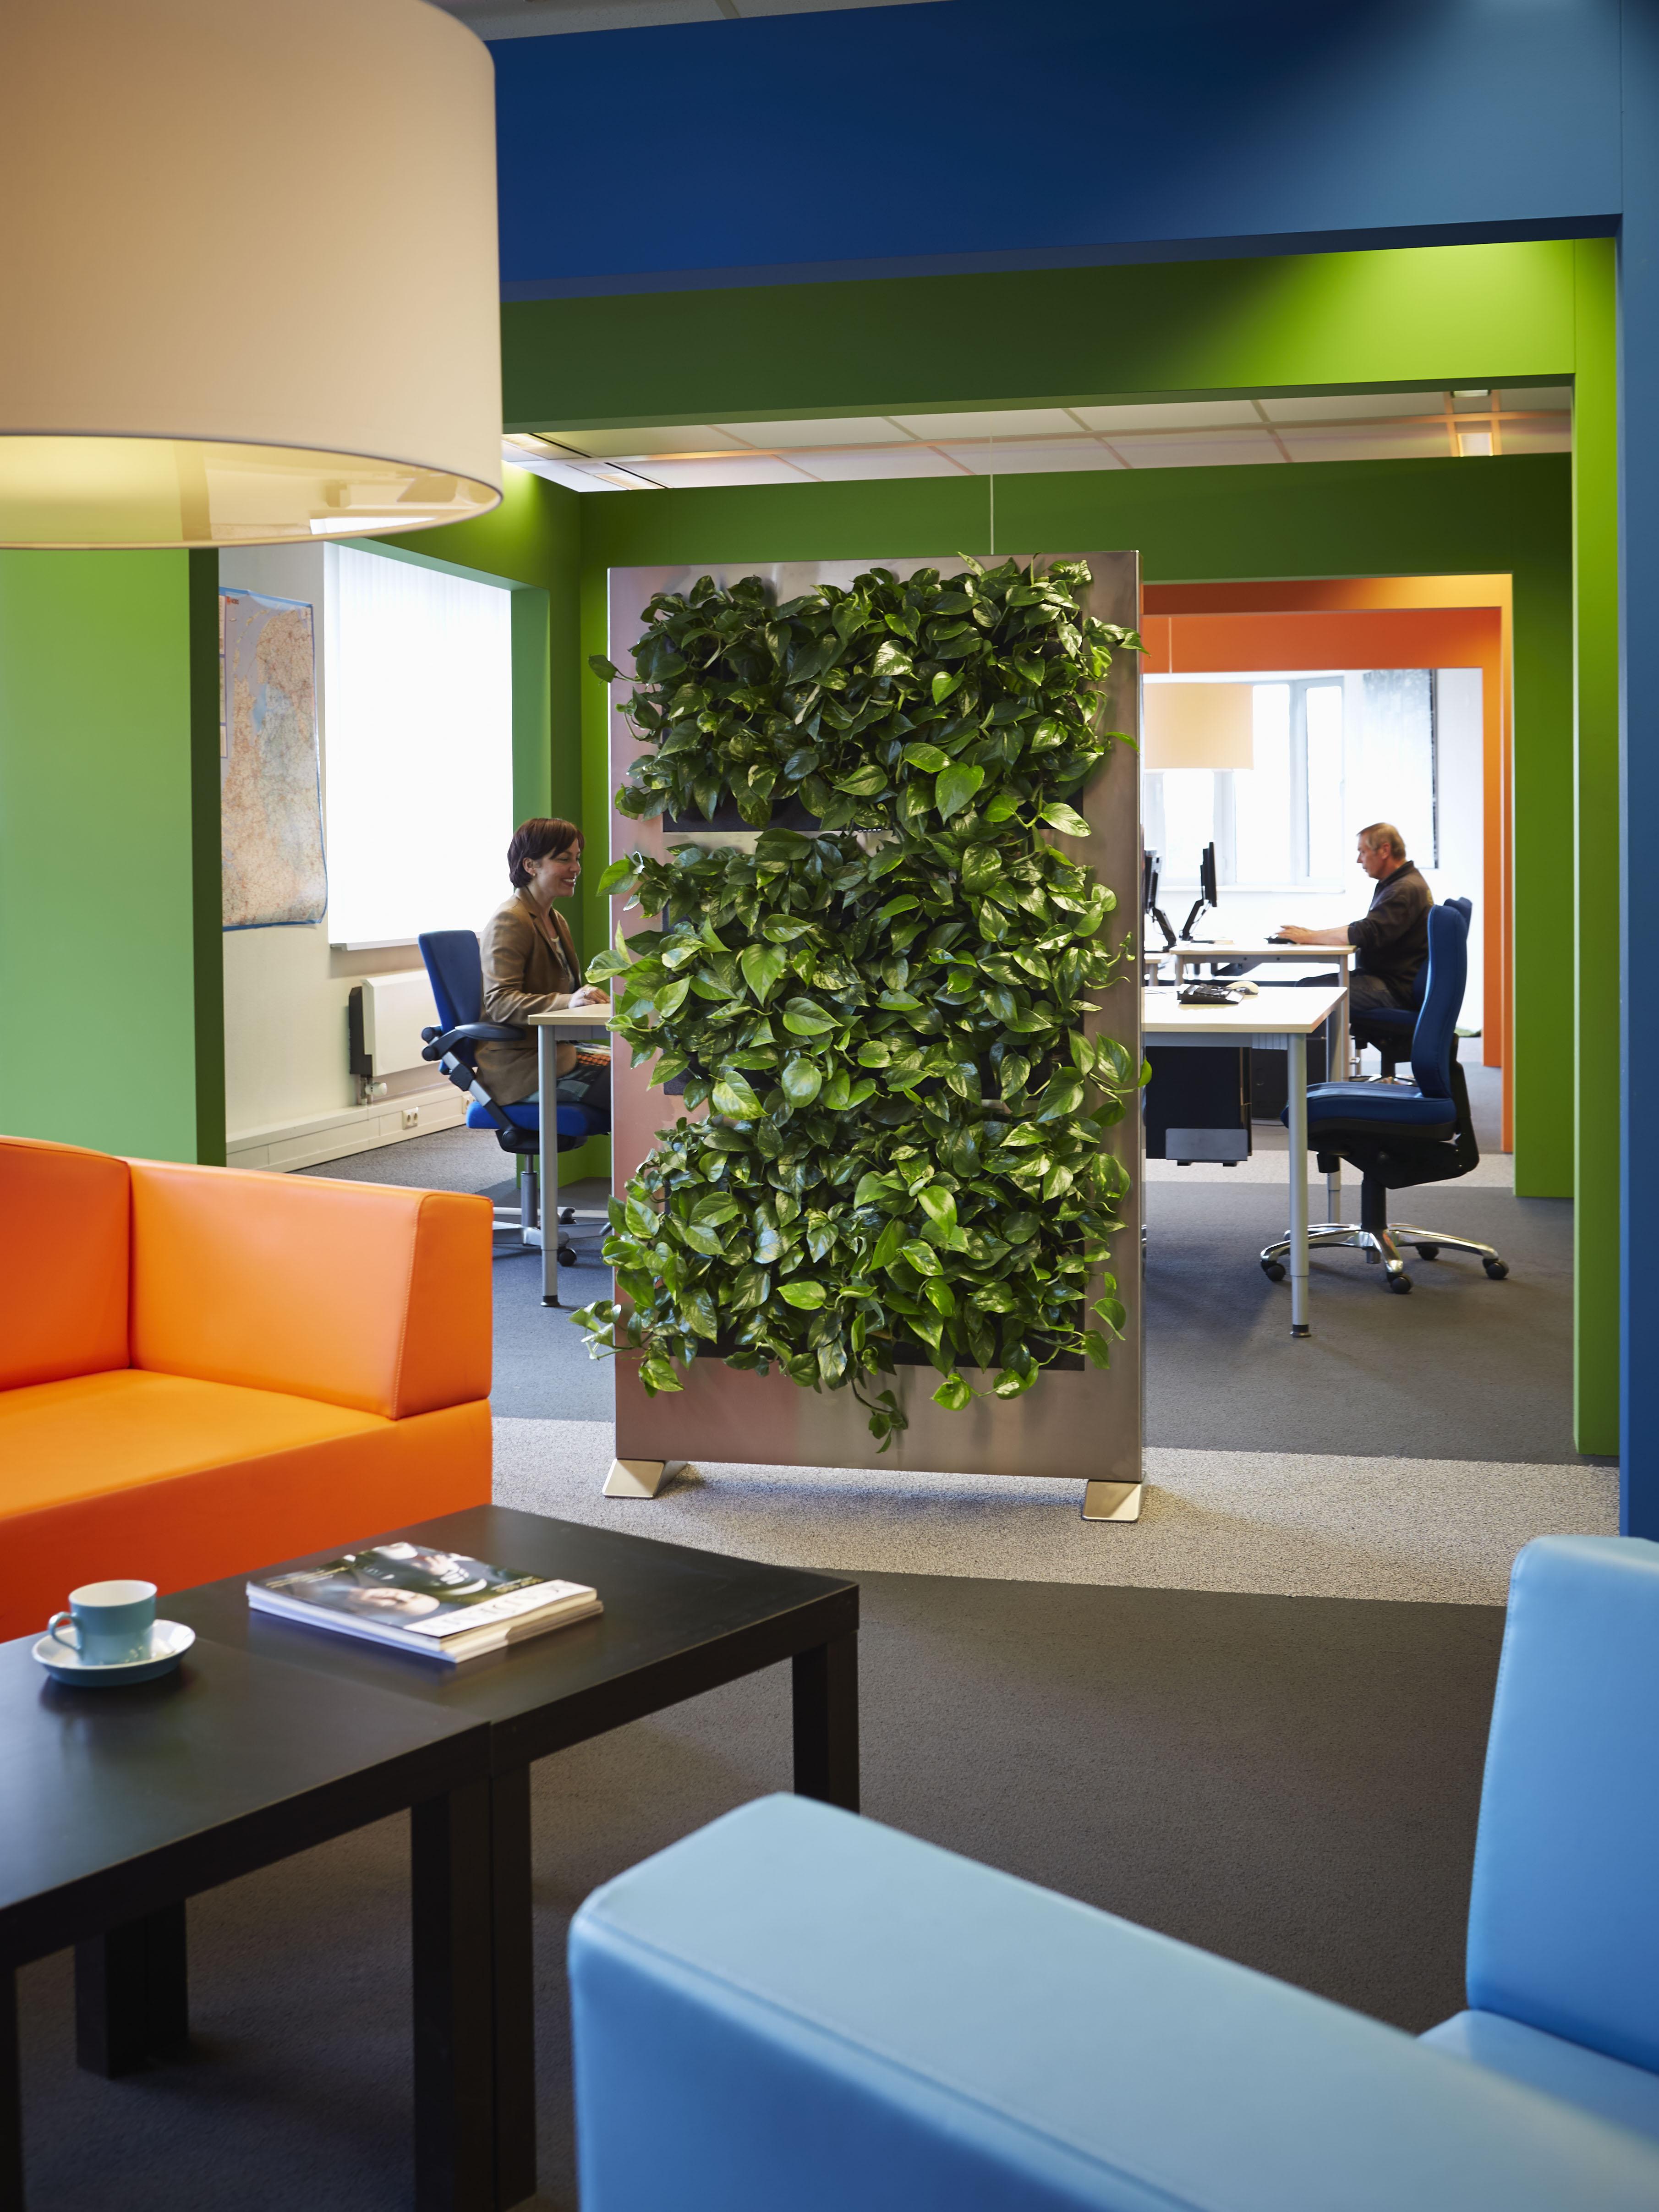 Freestanding Vertical Gardening!